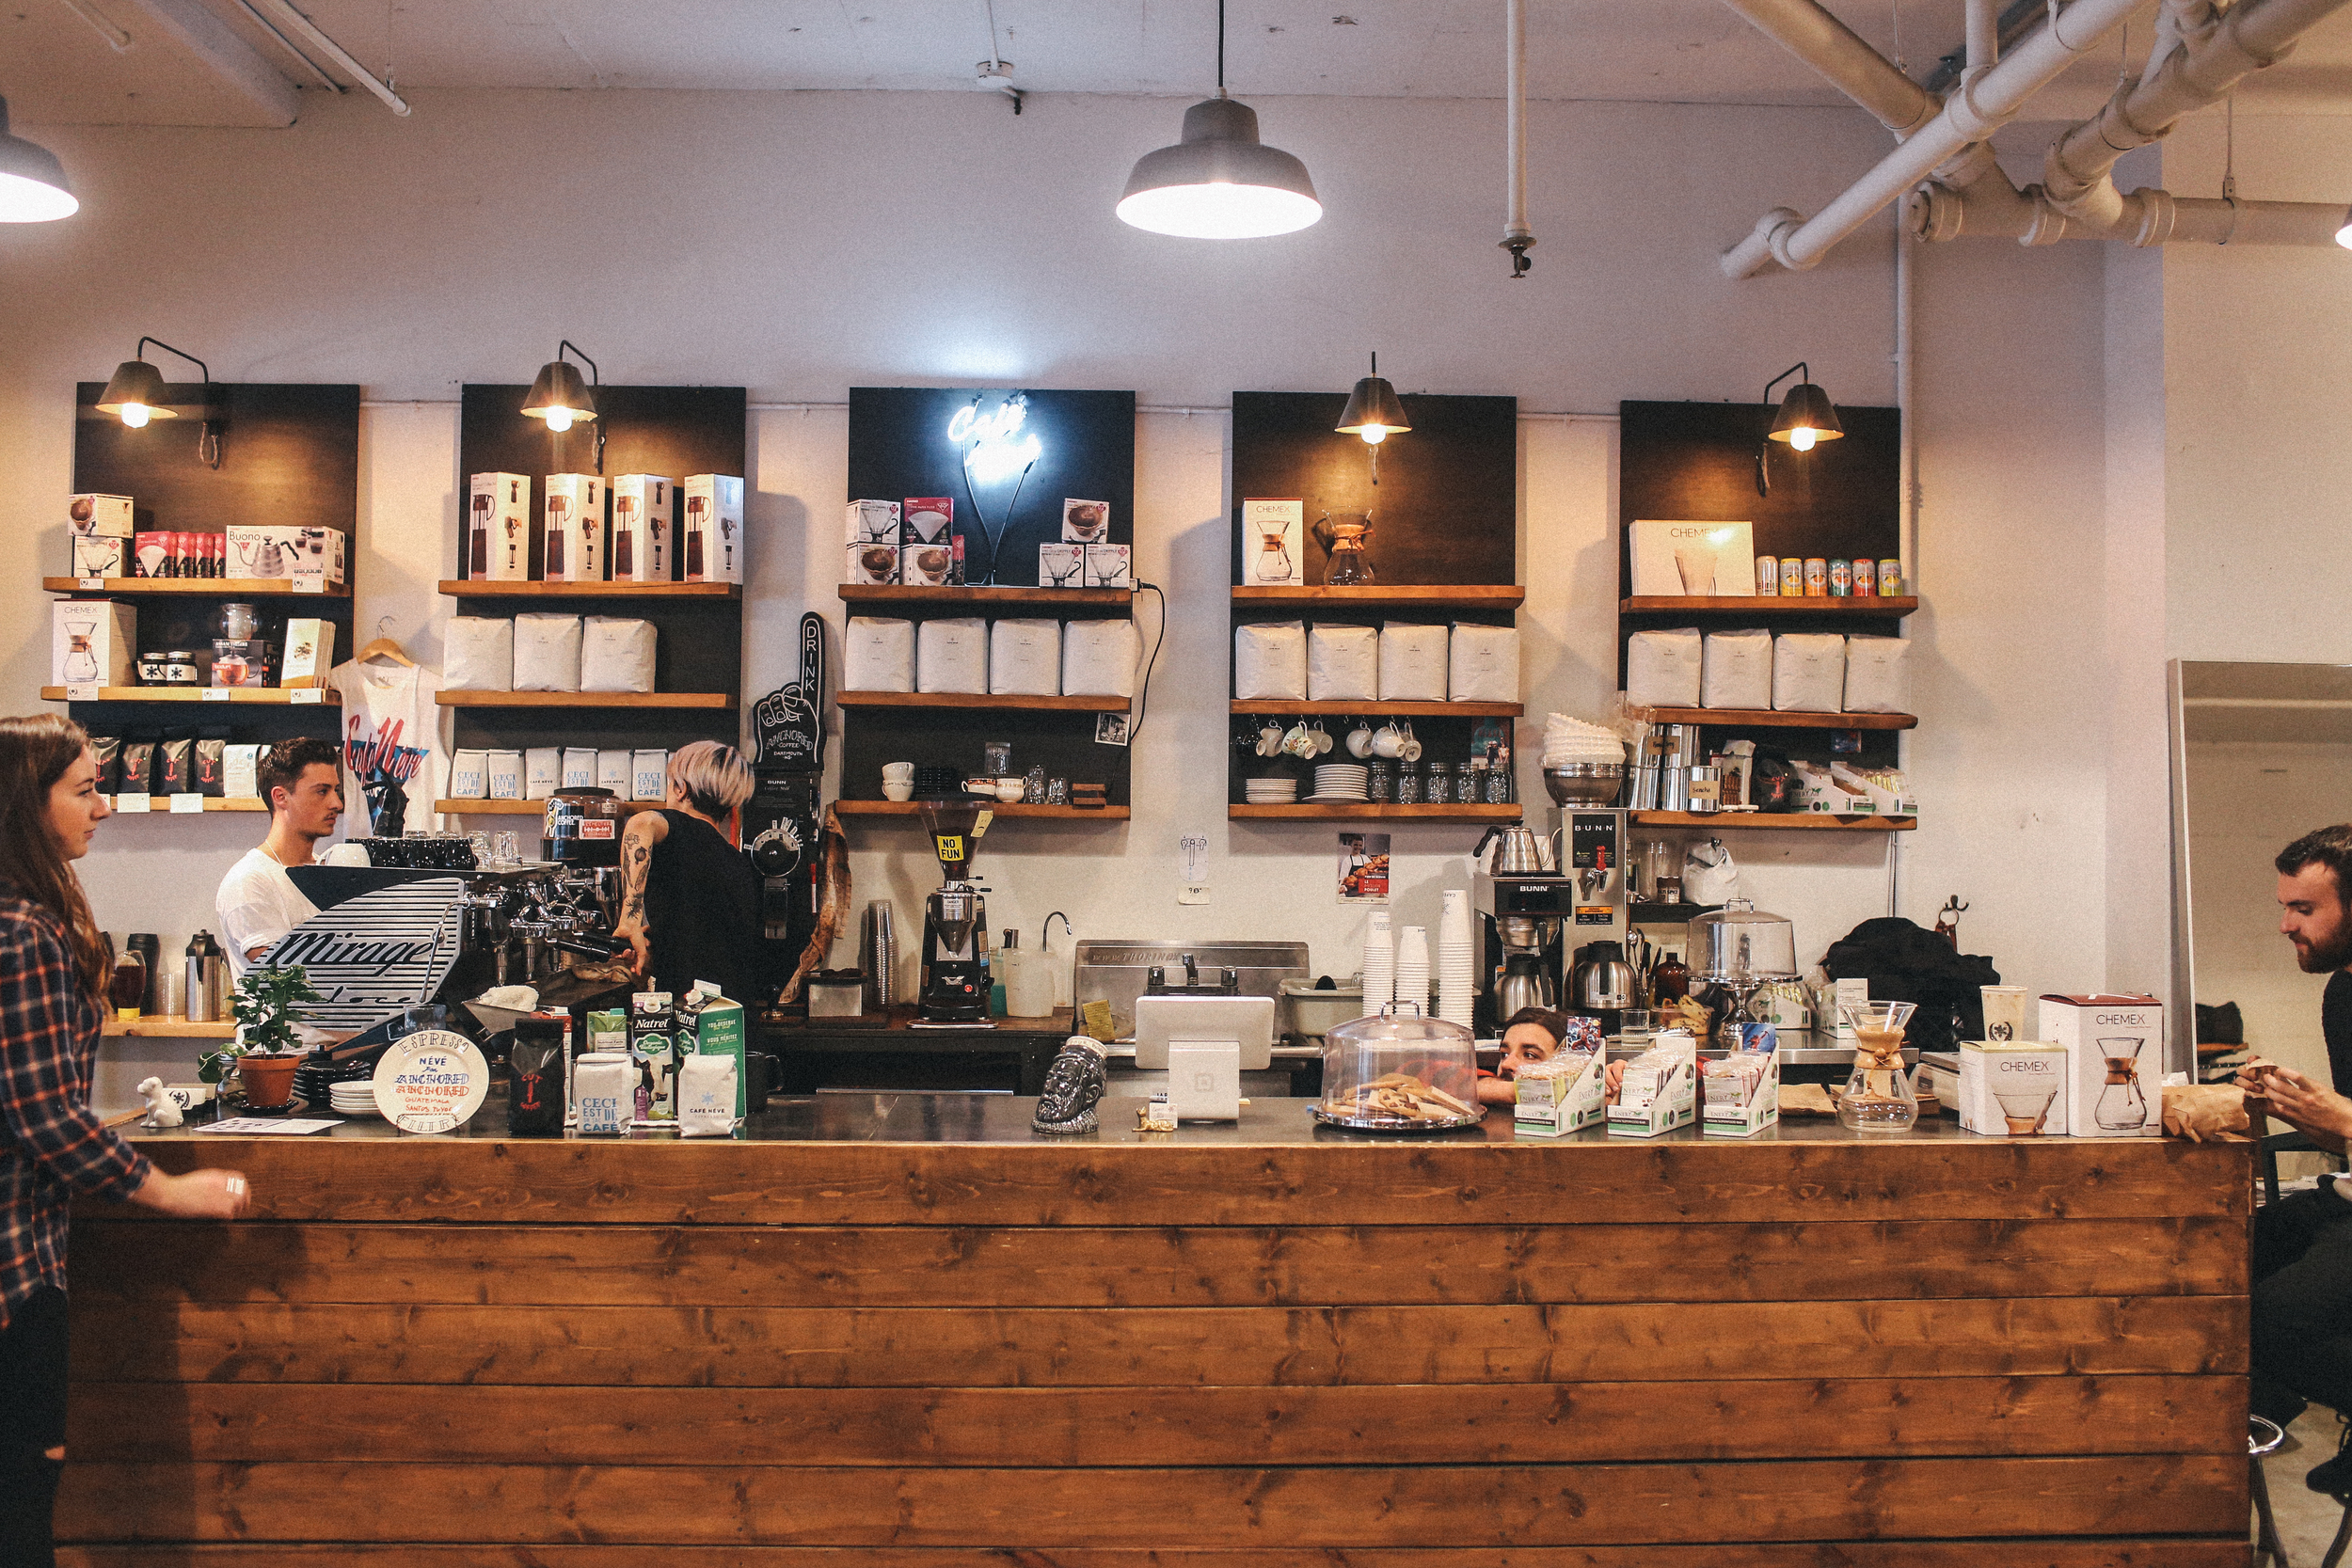 Cafe in Frank & Oak